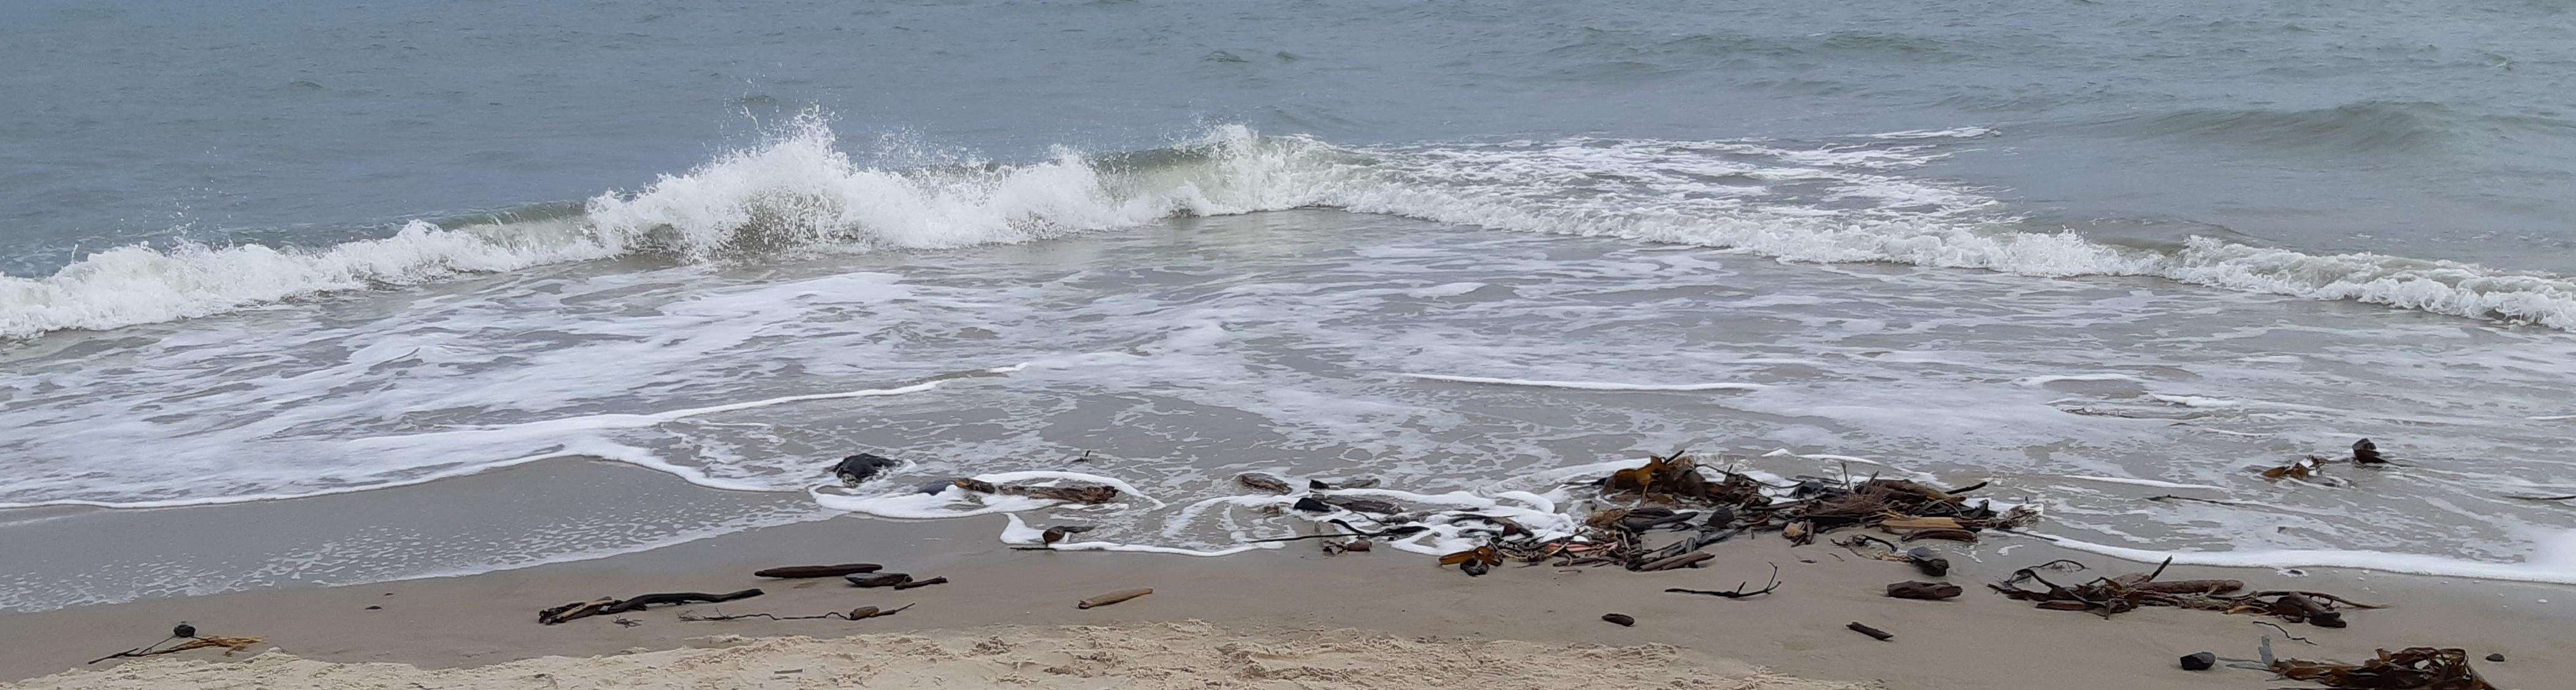 Skagens modsatrettede bølger kan ligesom motivation kæmpe uden fælles mål.  Fotograf: Ivan Munk